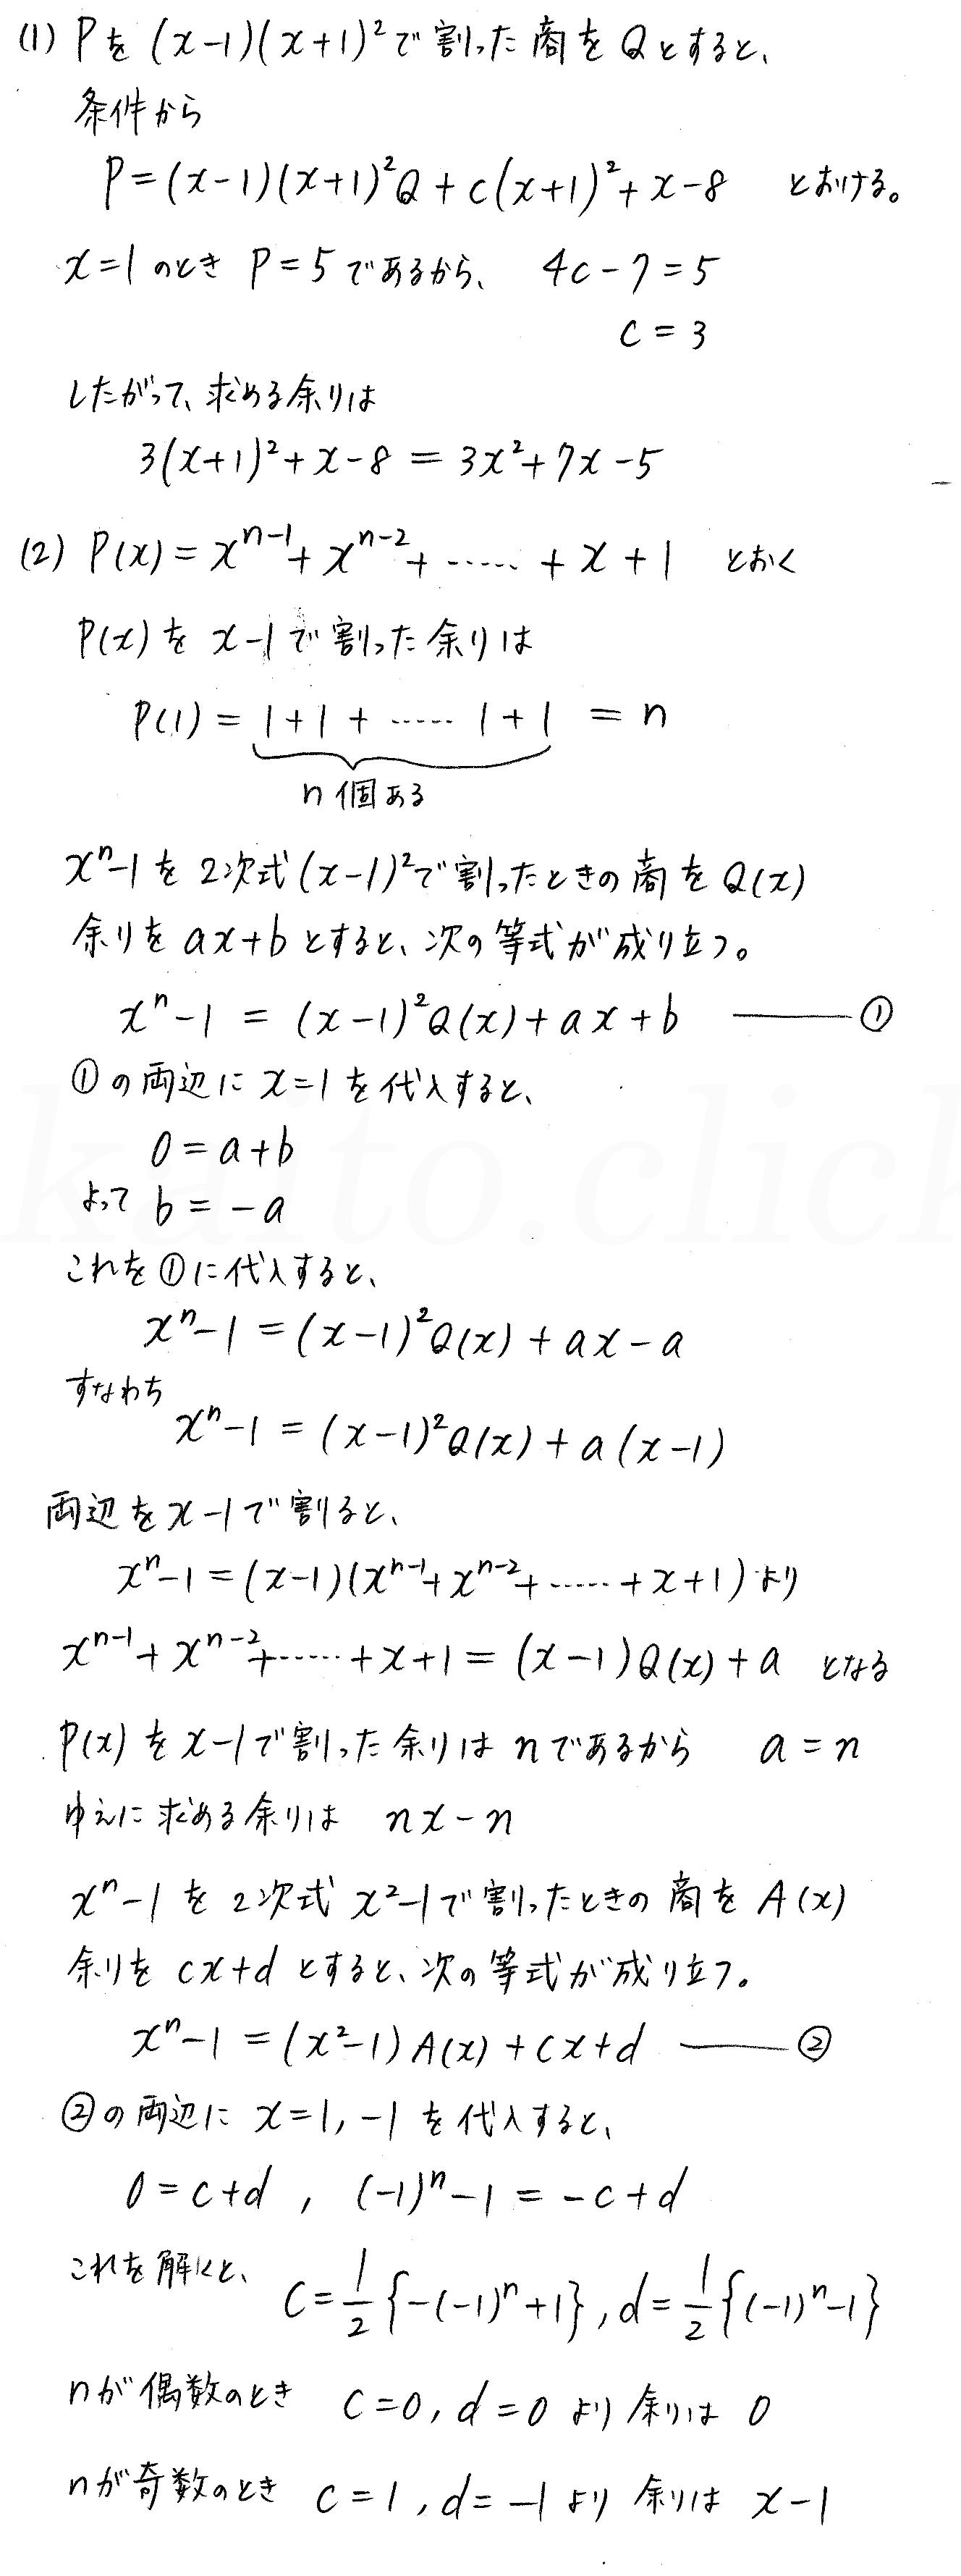 クリアー数学演習12AB受験編-12解答